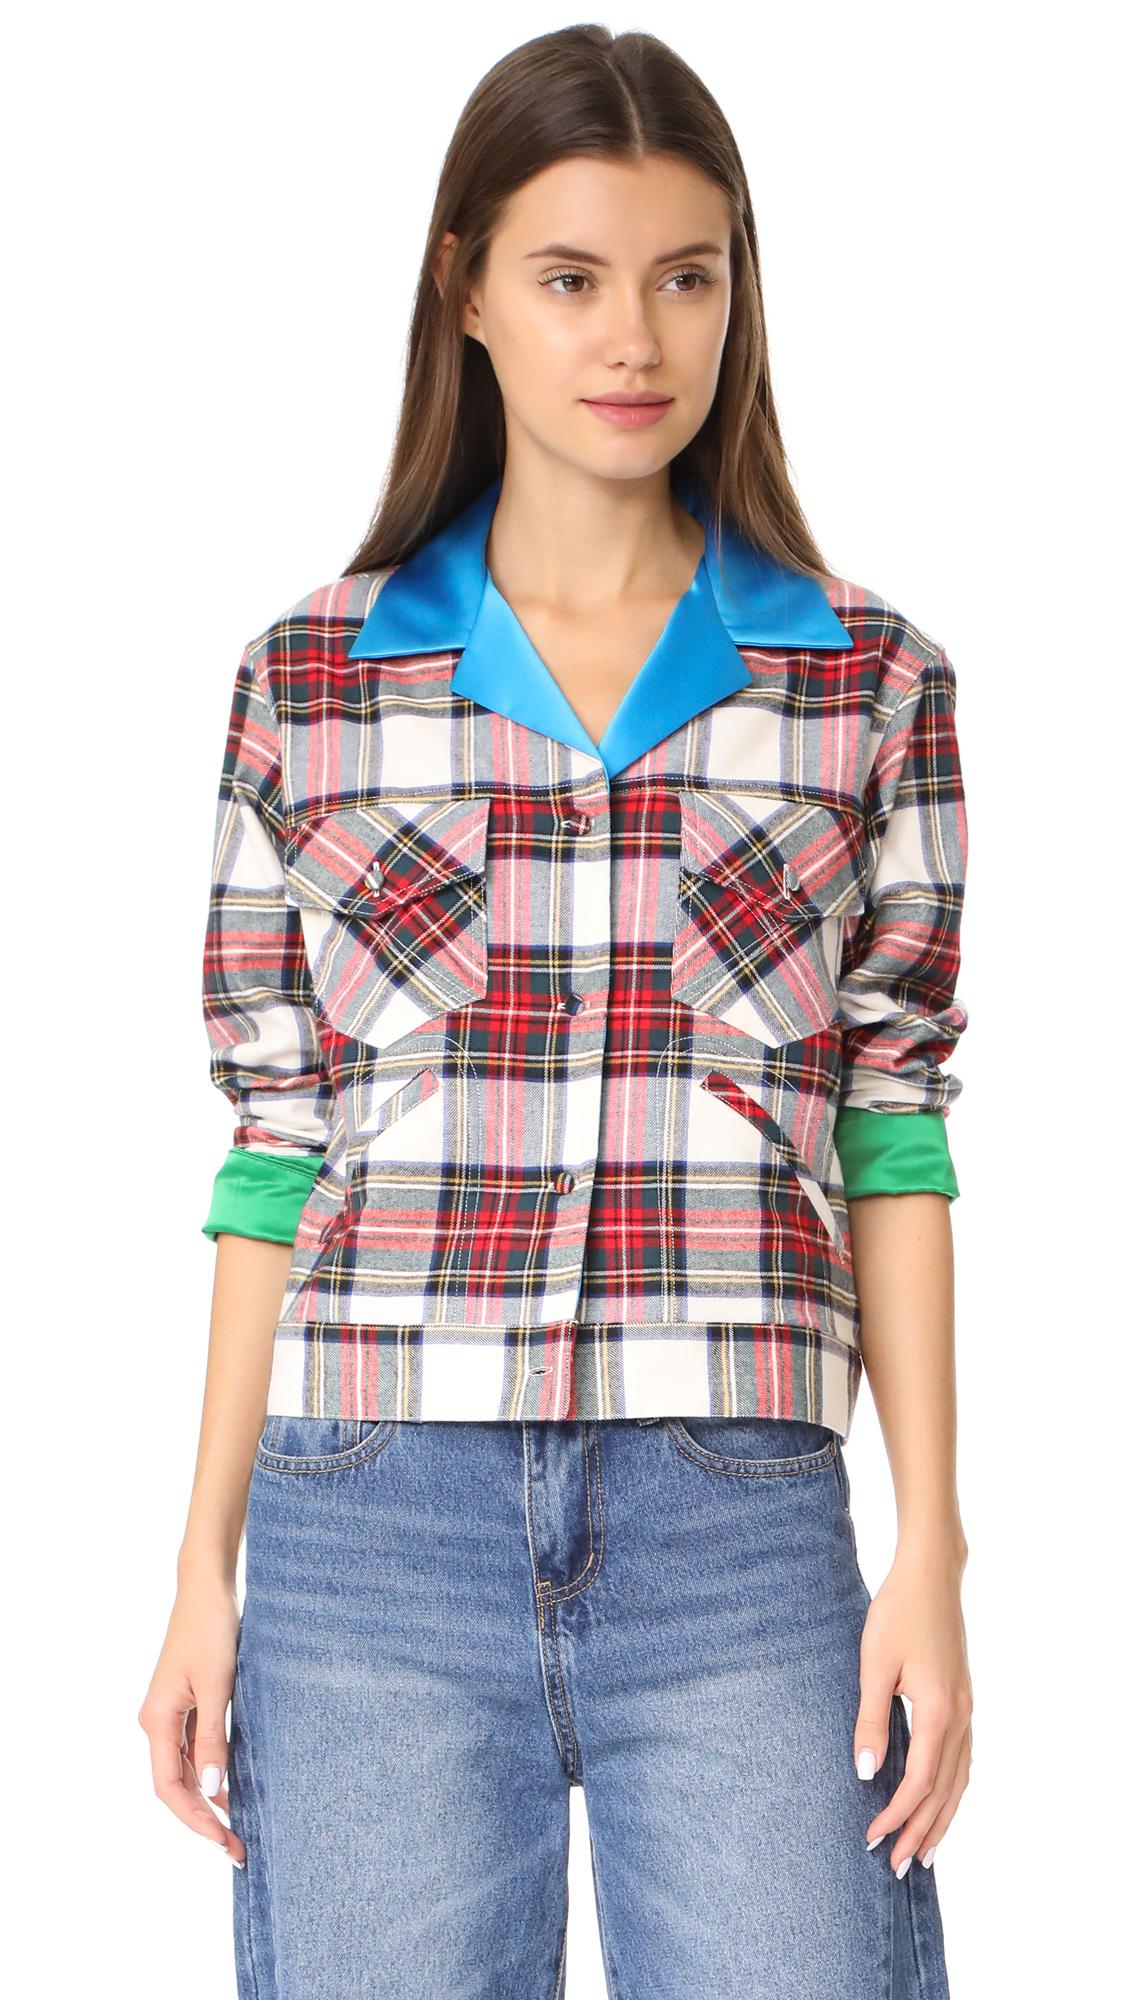 Harvey Faircloth Plaid Shirt - Multi